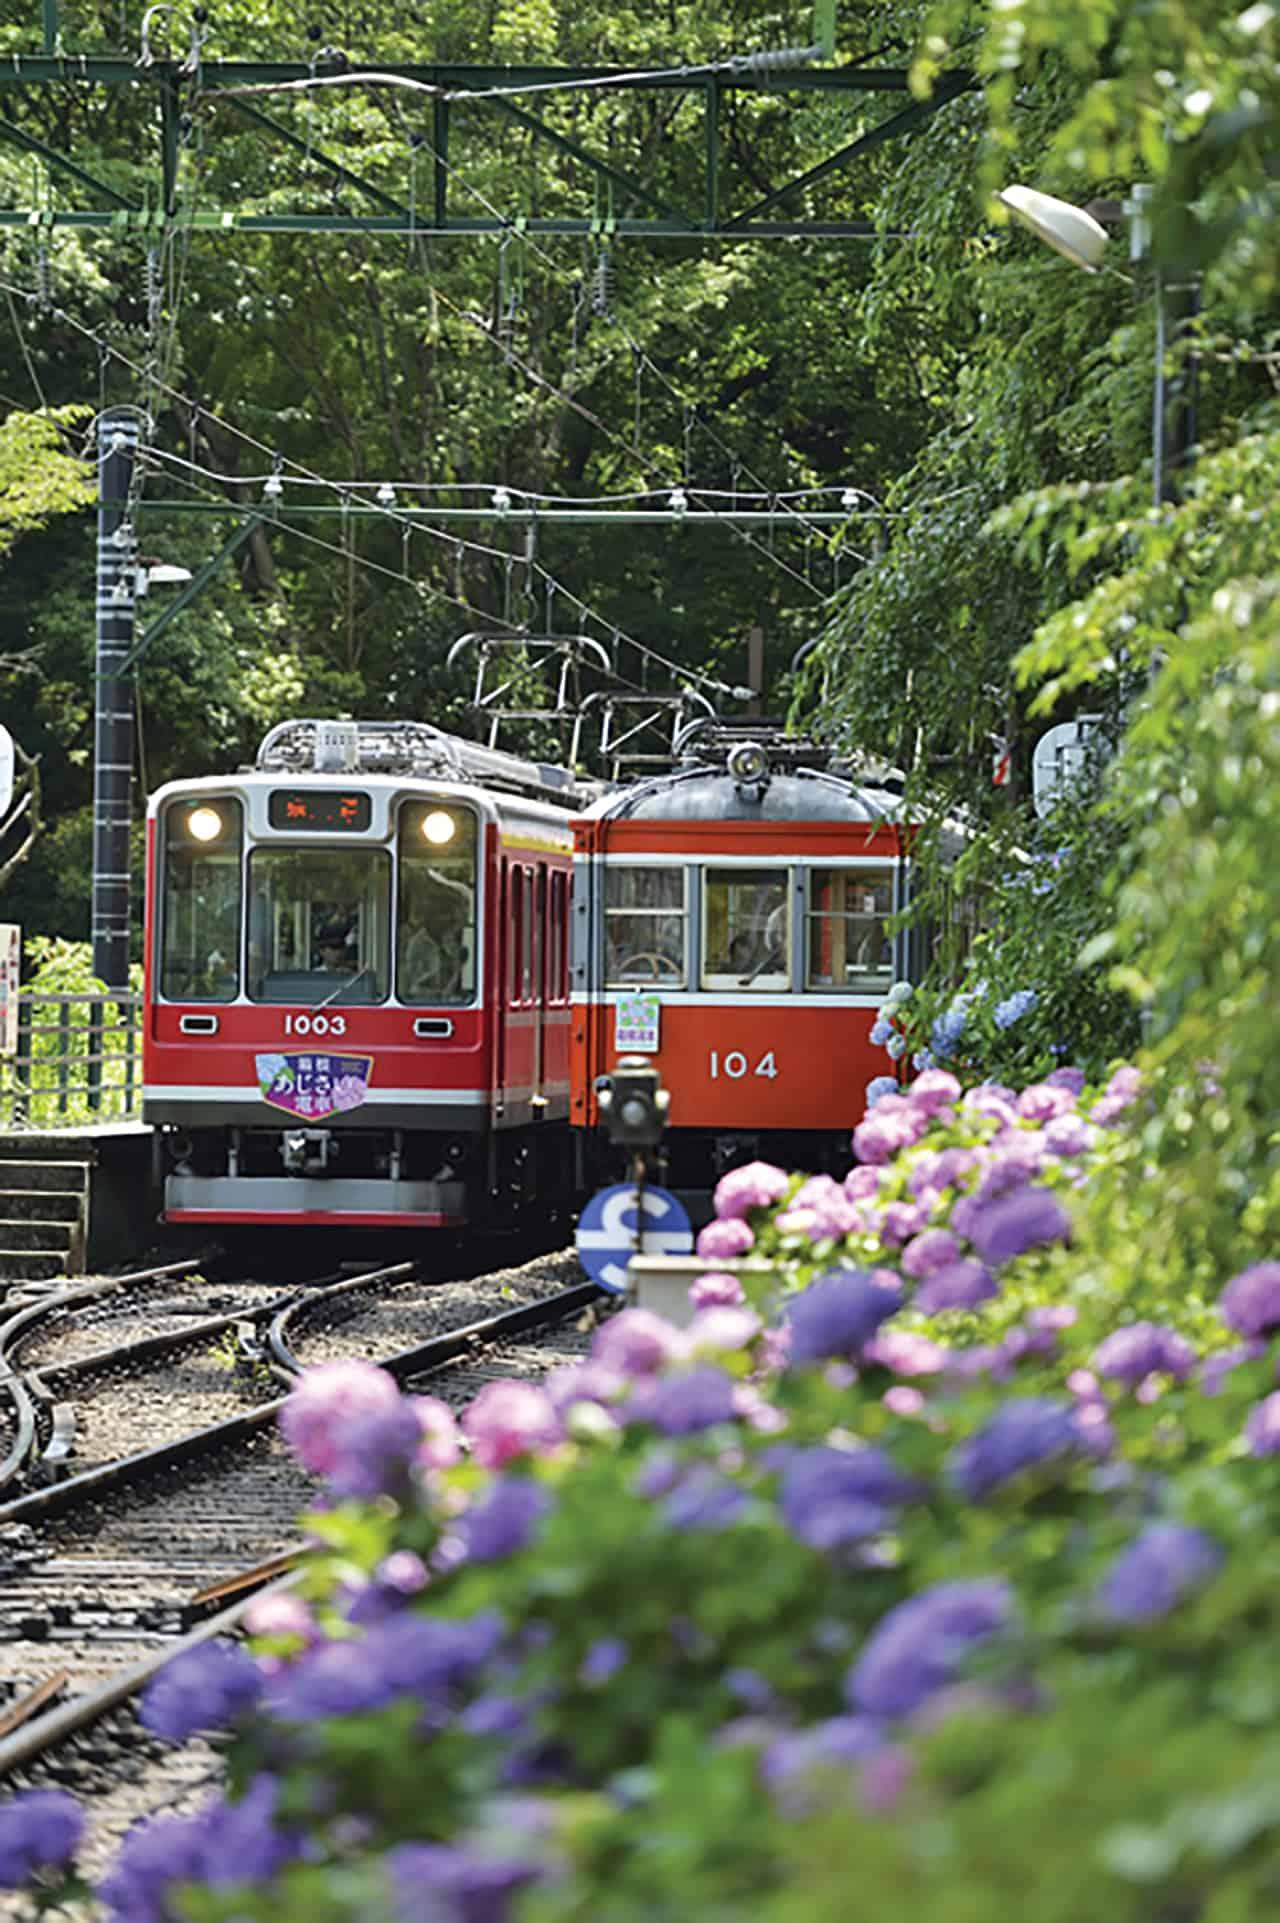 ซื้อบัตรโดยสาร Hakone Kamakura Pass นั่งรถไฟชมดอกไฮเดรนเยีย